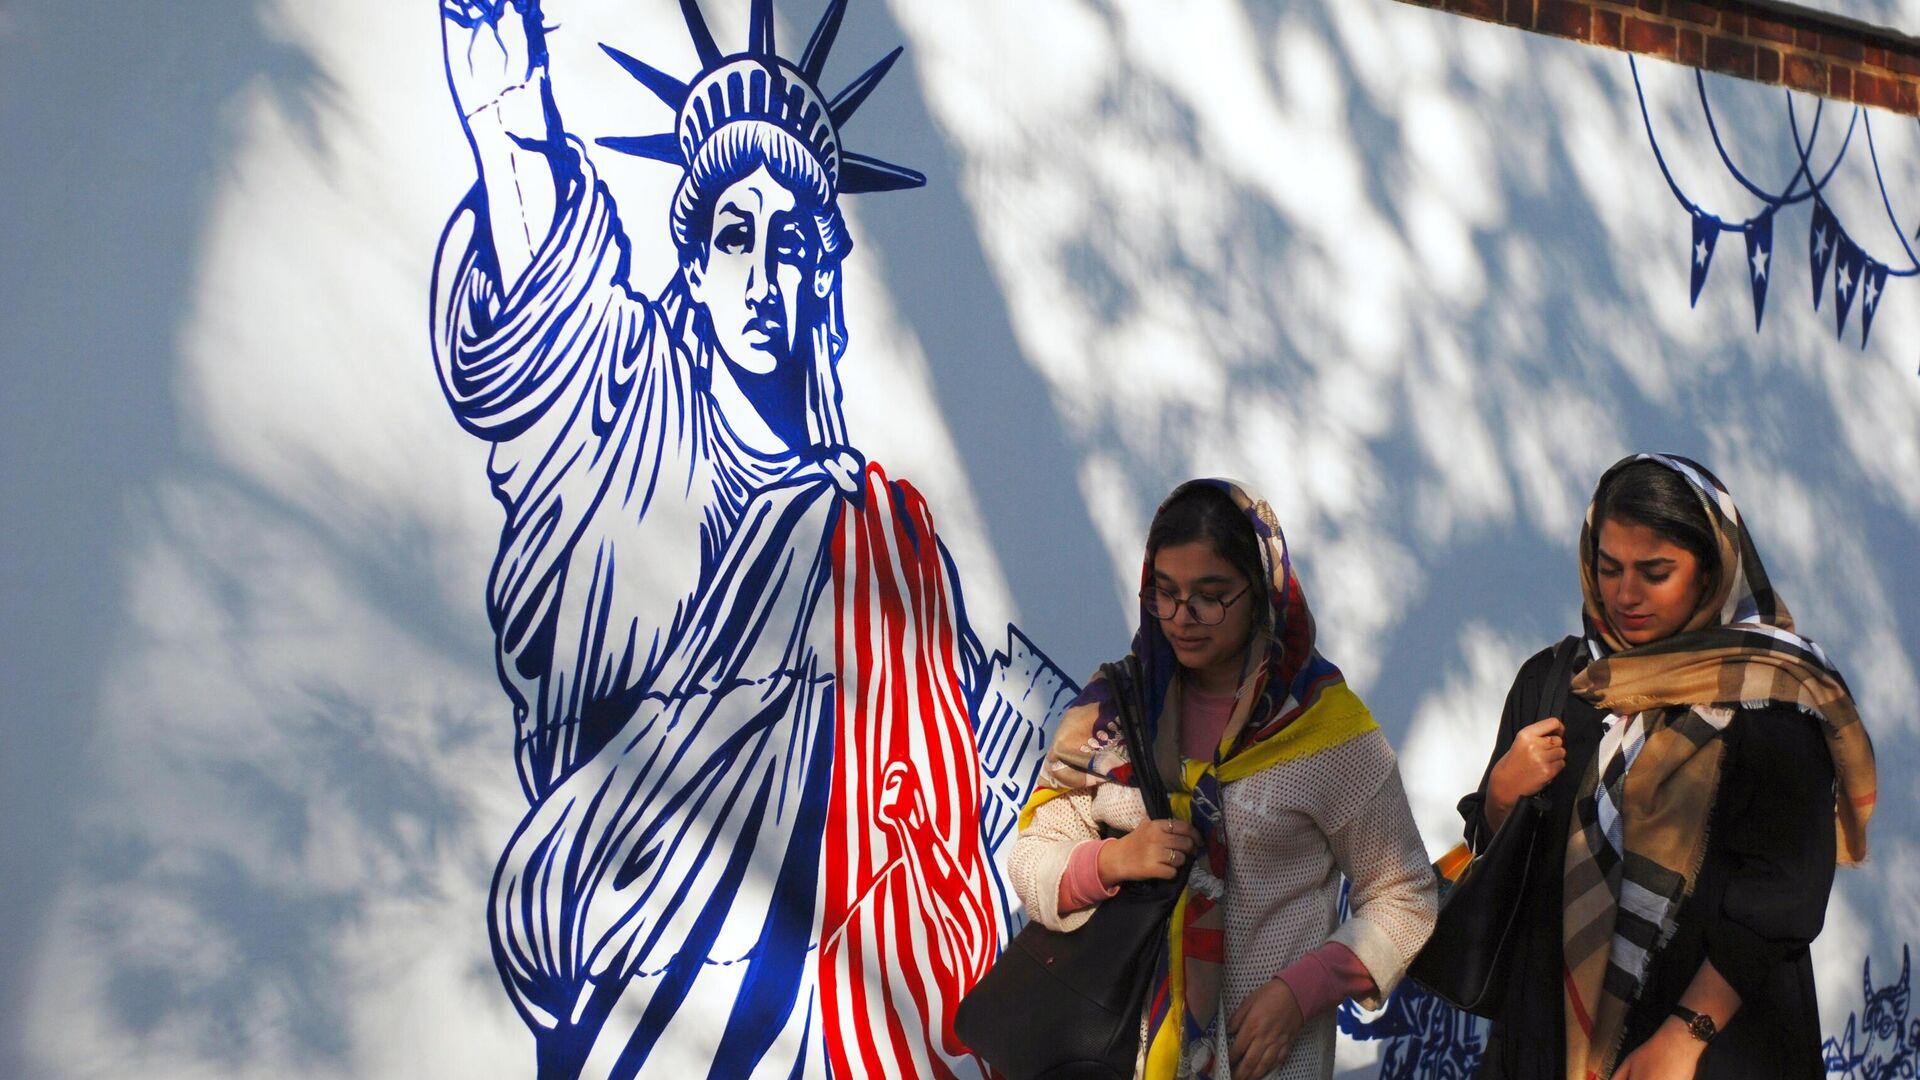 Граффити перед бывшим посольством США в Тегеране - РИА Новости, 1920, 21.03.2021